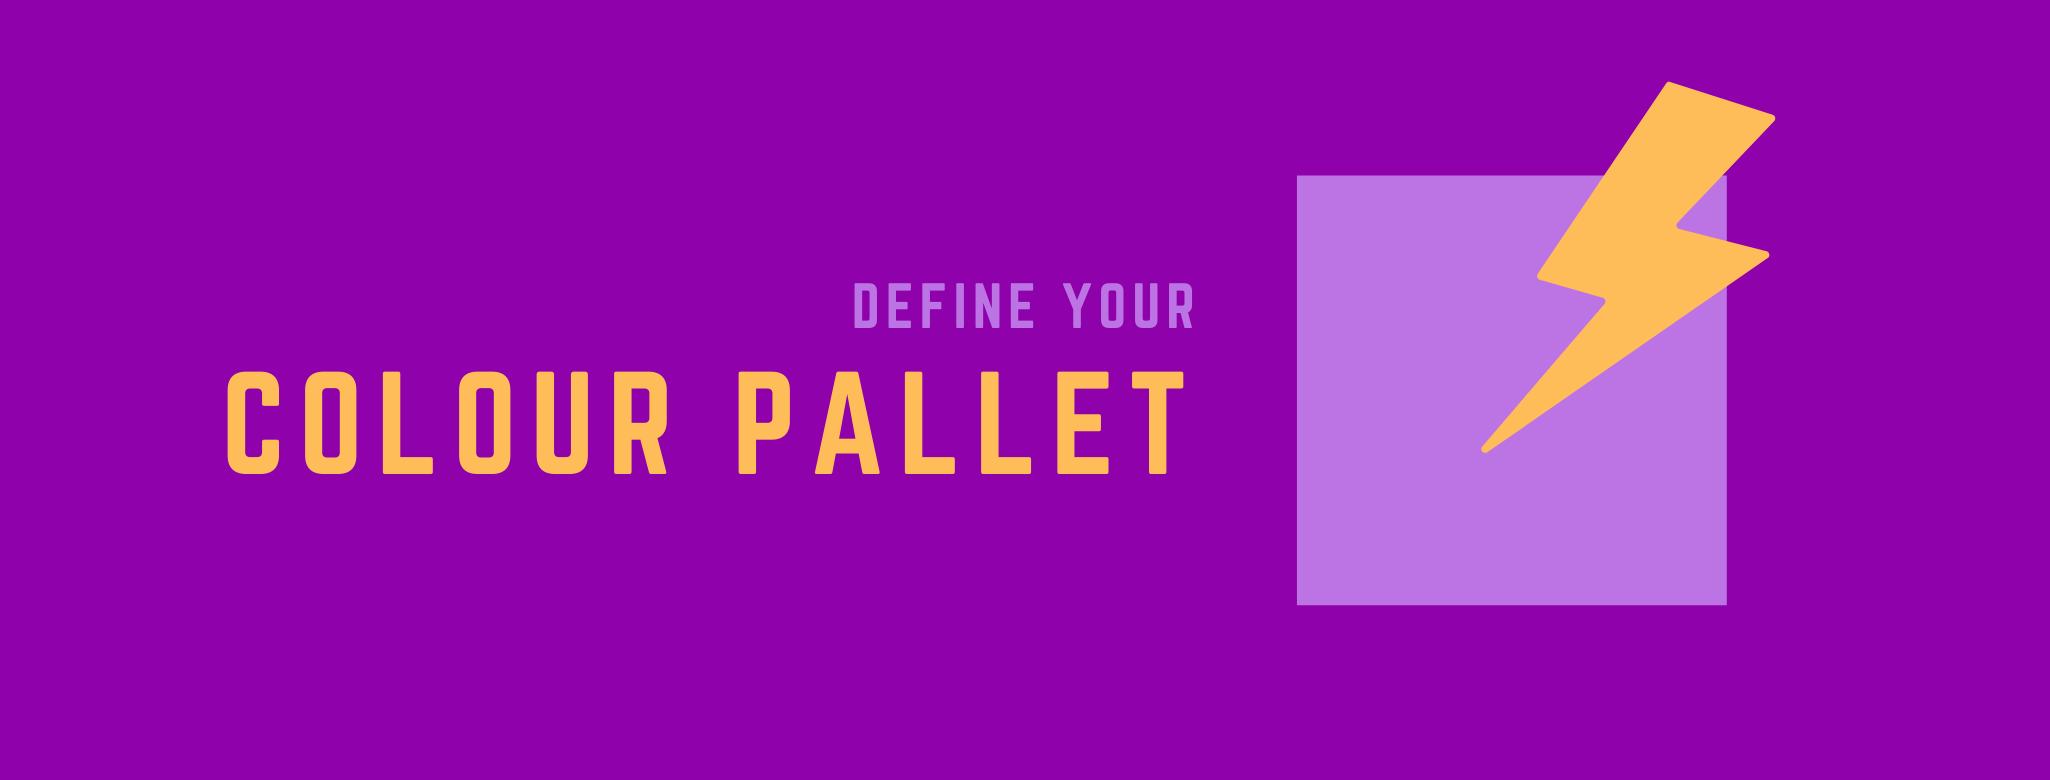 Define your Colour Pallet